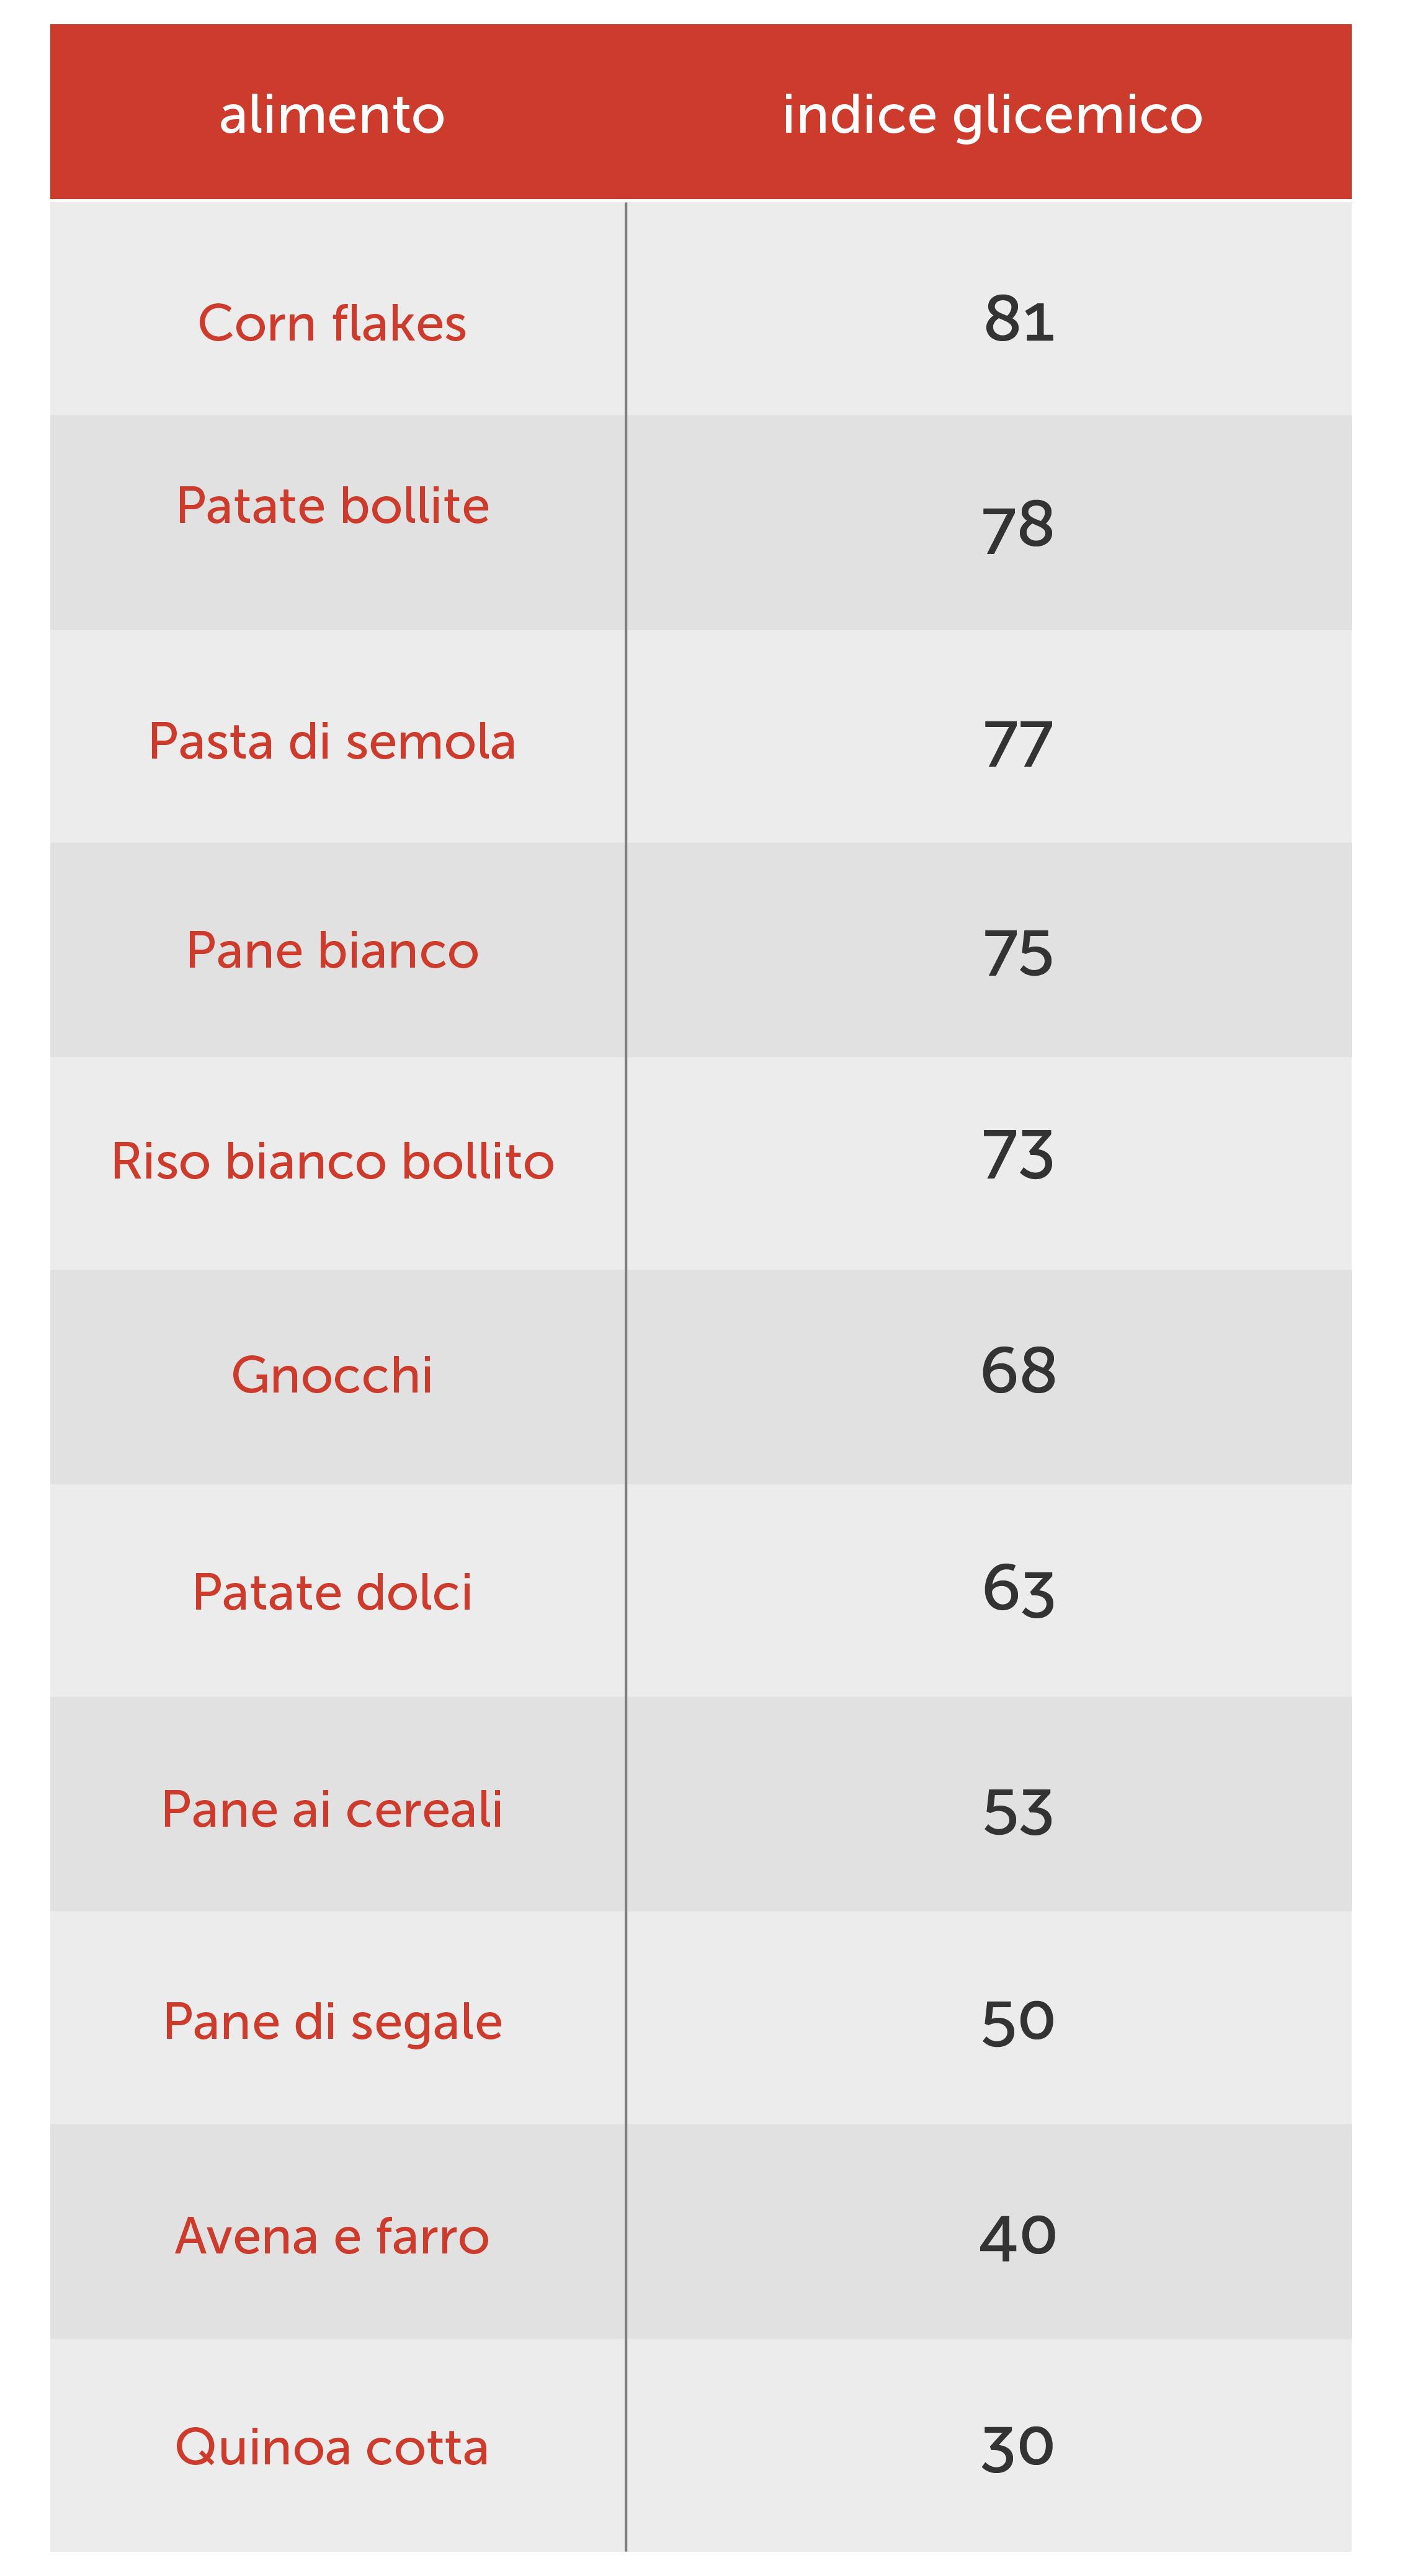 indice glicemico-27